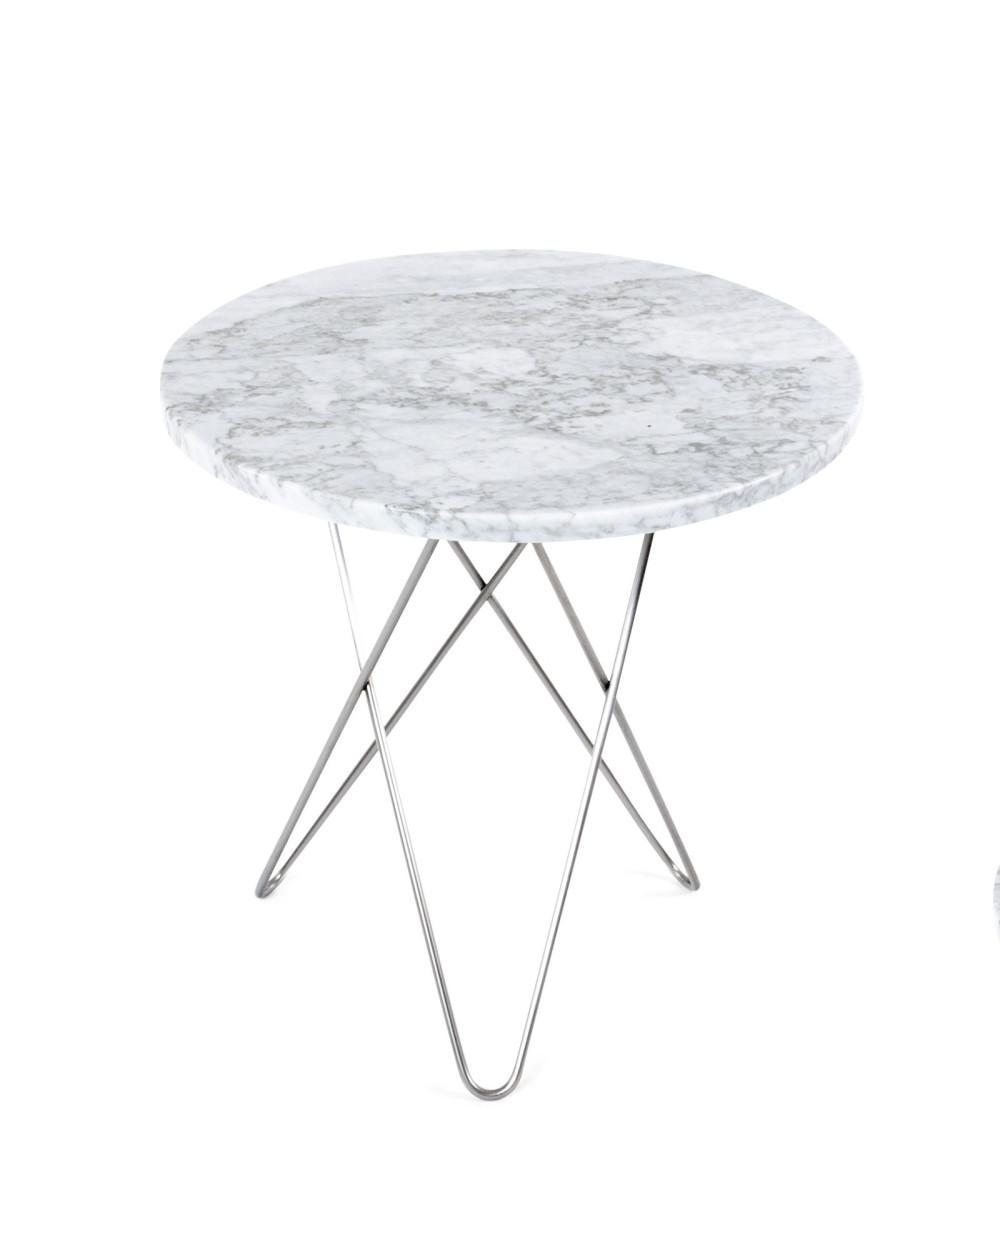 Table basse Ox, design la boutique danoise